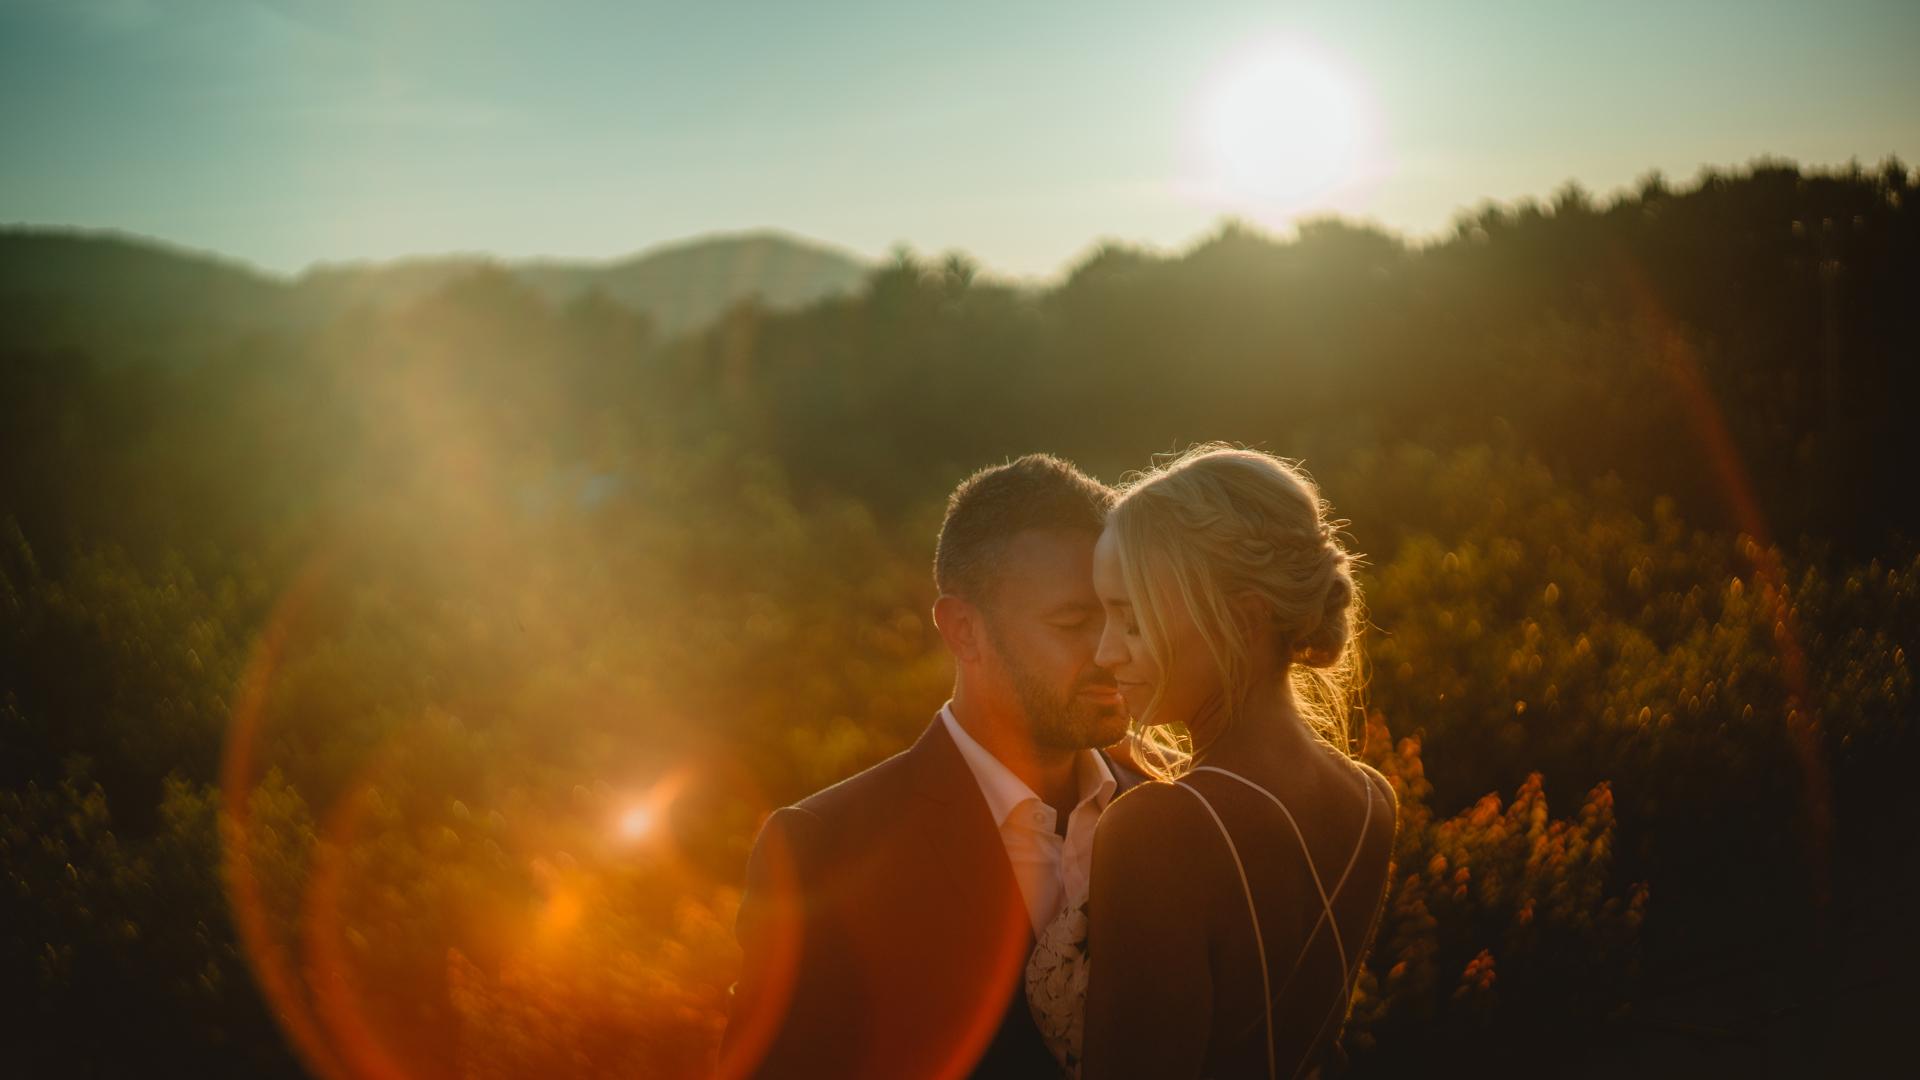 Cyprus Wedding Photographer, Ibiza Wedding Photographer, Engagement Photographer